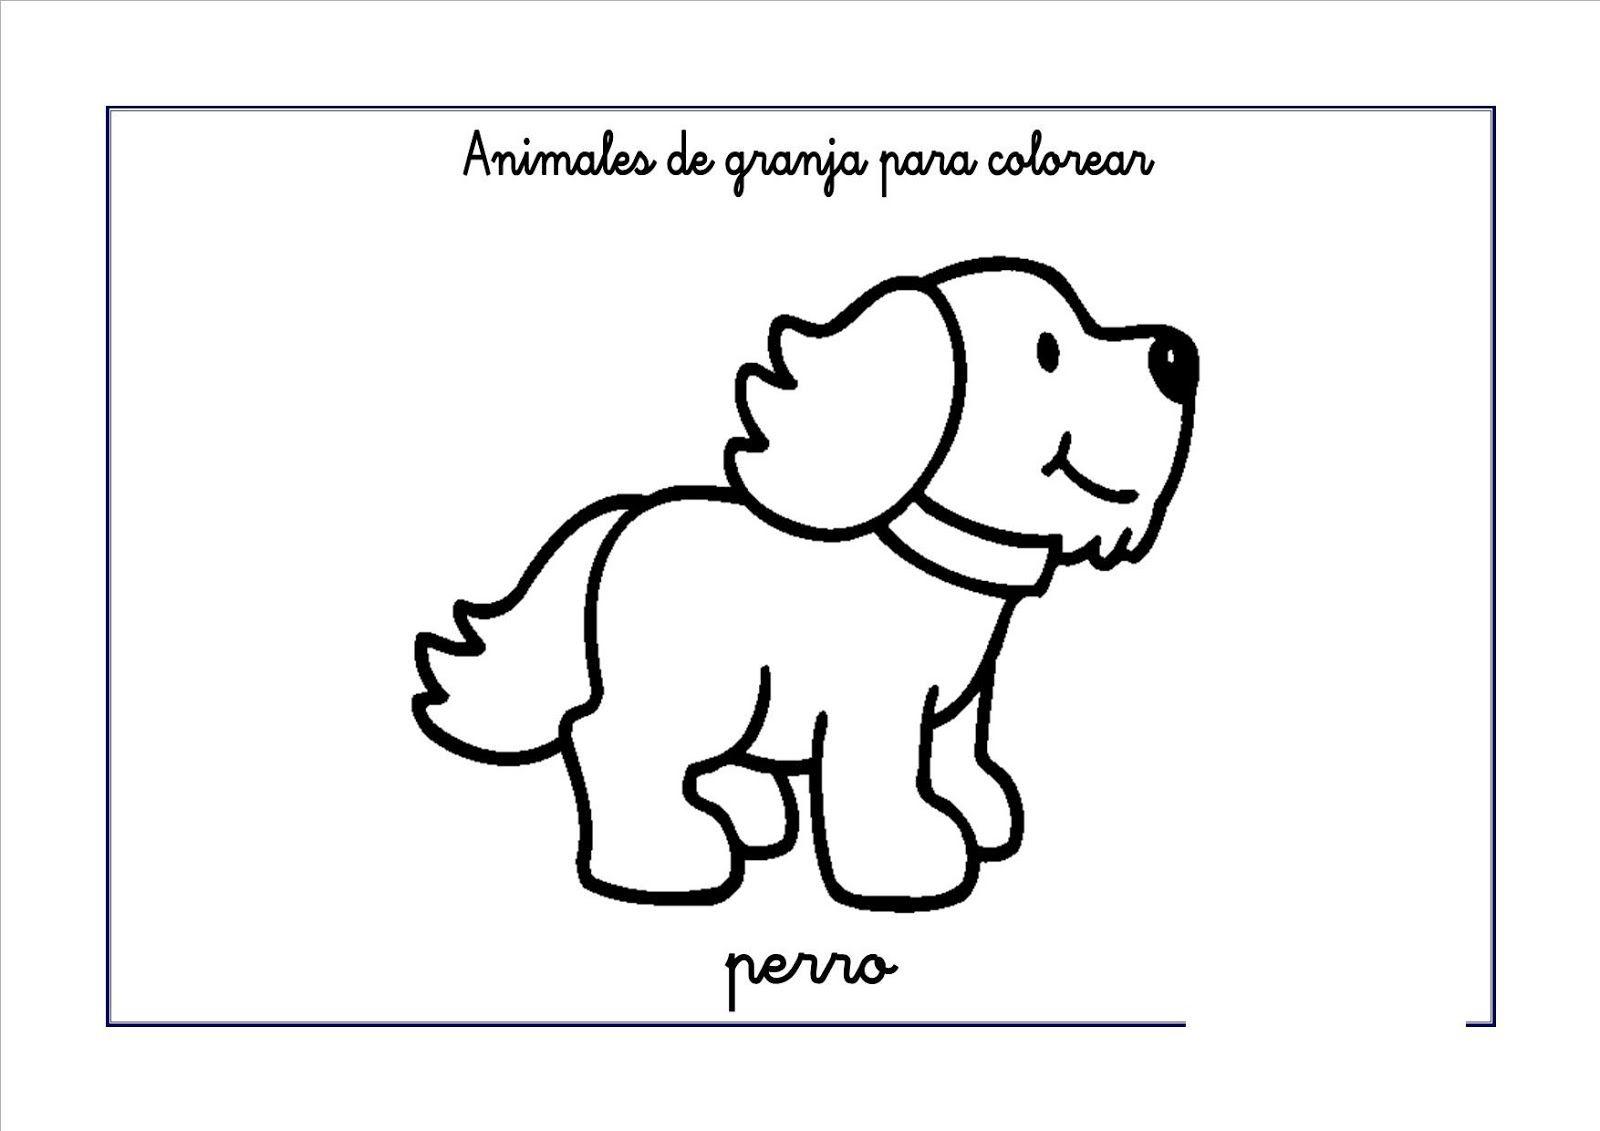 Pin de Mari BO en Dibujos animales | Pinterest | Animales de granja ...